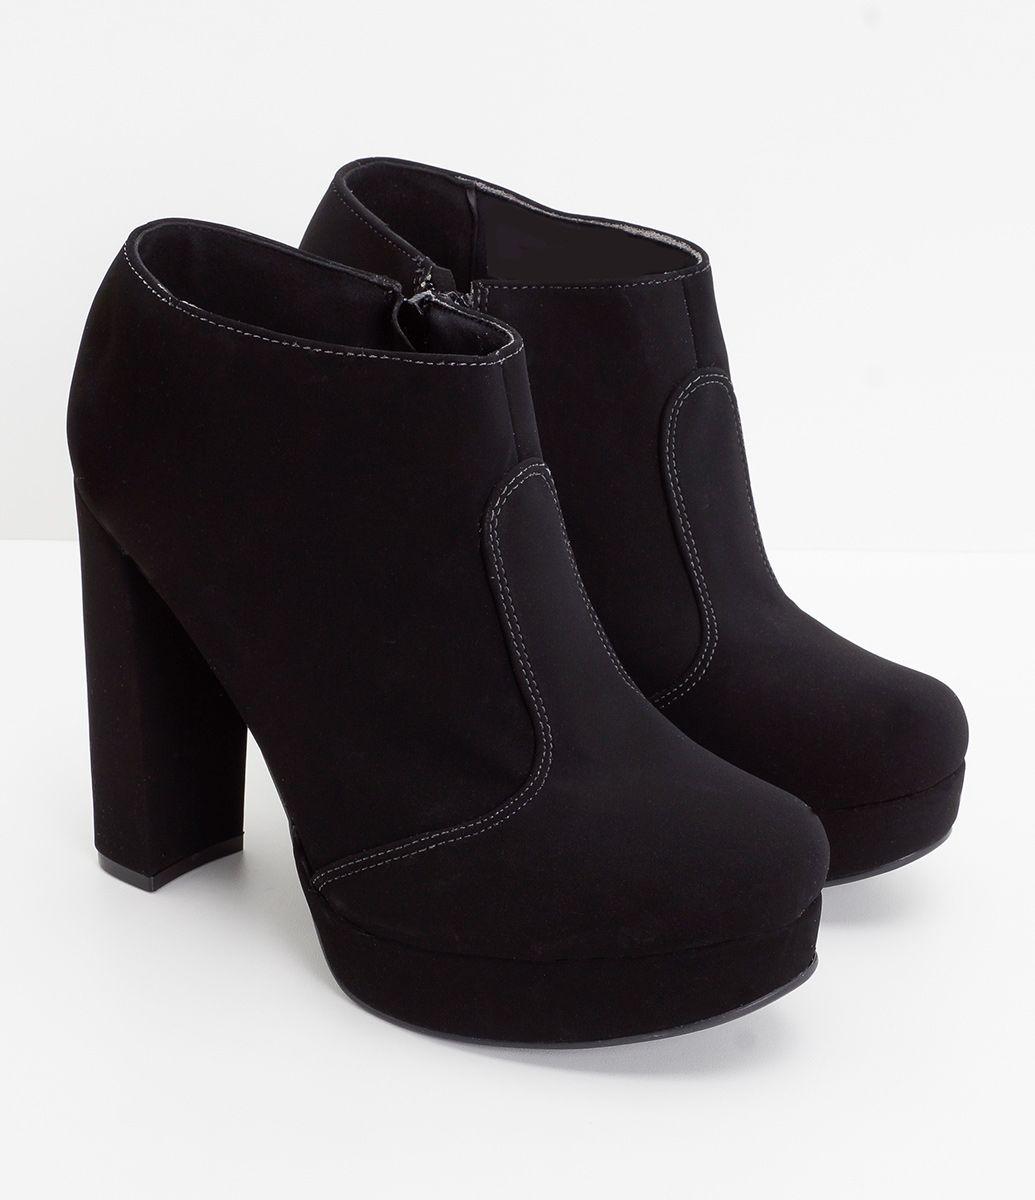 74b8b8a63f Bota feminina Material  sintético Meia pata Marca  Satinato Com cano curto  COLEÇÃO INVERNO 2017 Veja outras opções de botas femininas.